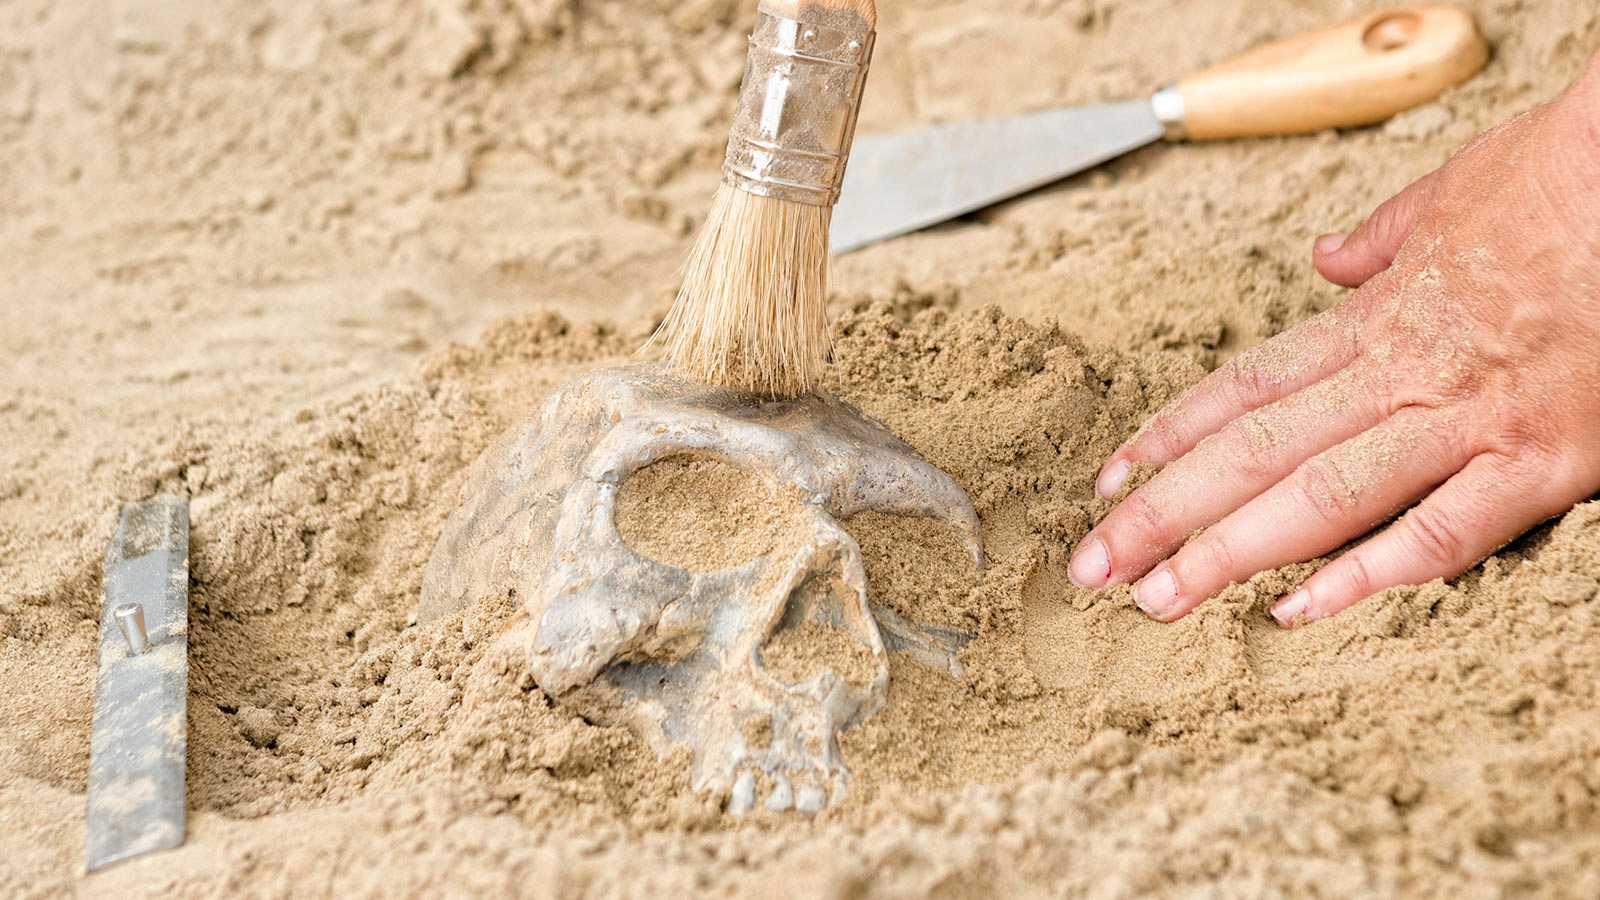 Després del col·lapse - Atapuerca Patrimoni de la Humanitat - 28/01/21 - escolatar ara